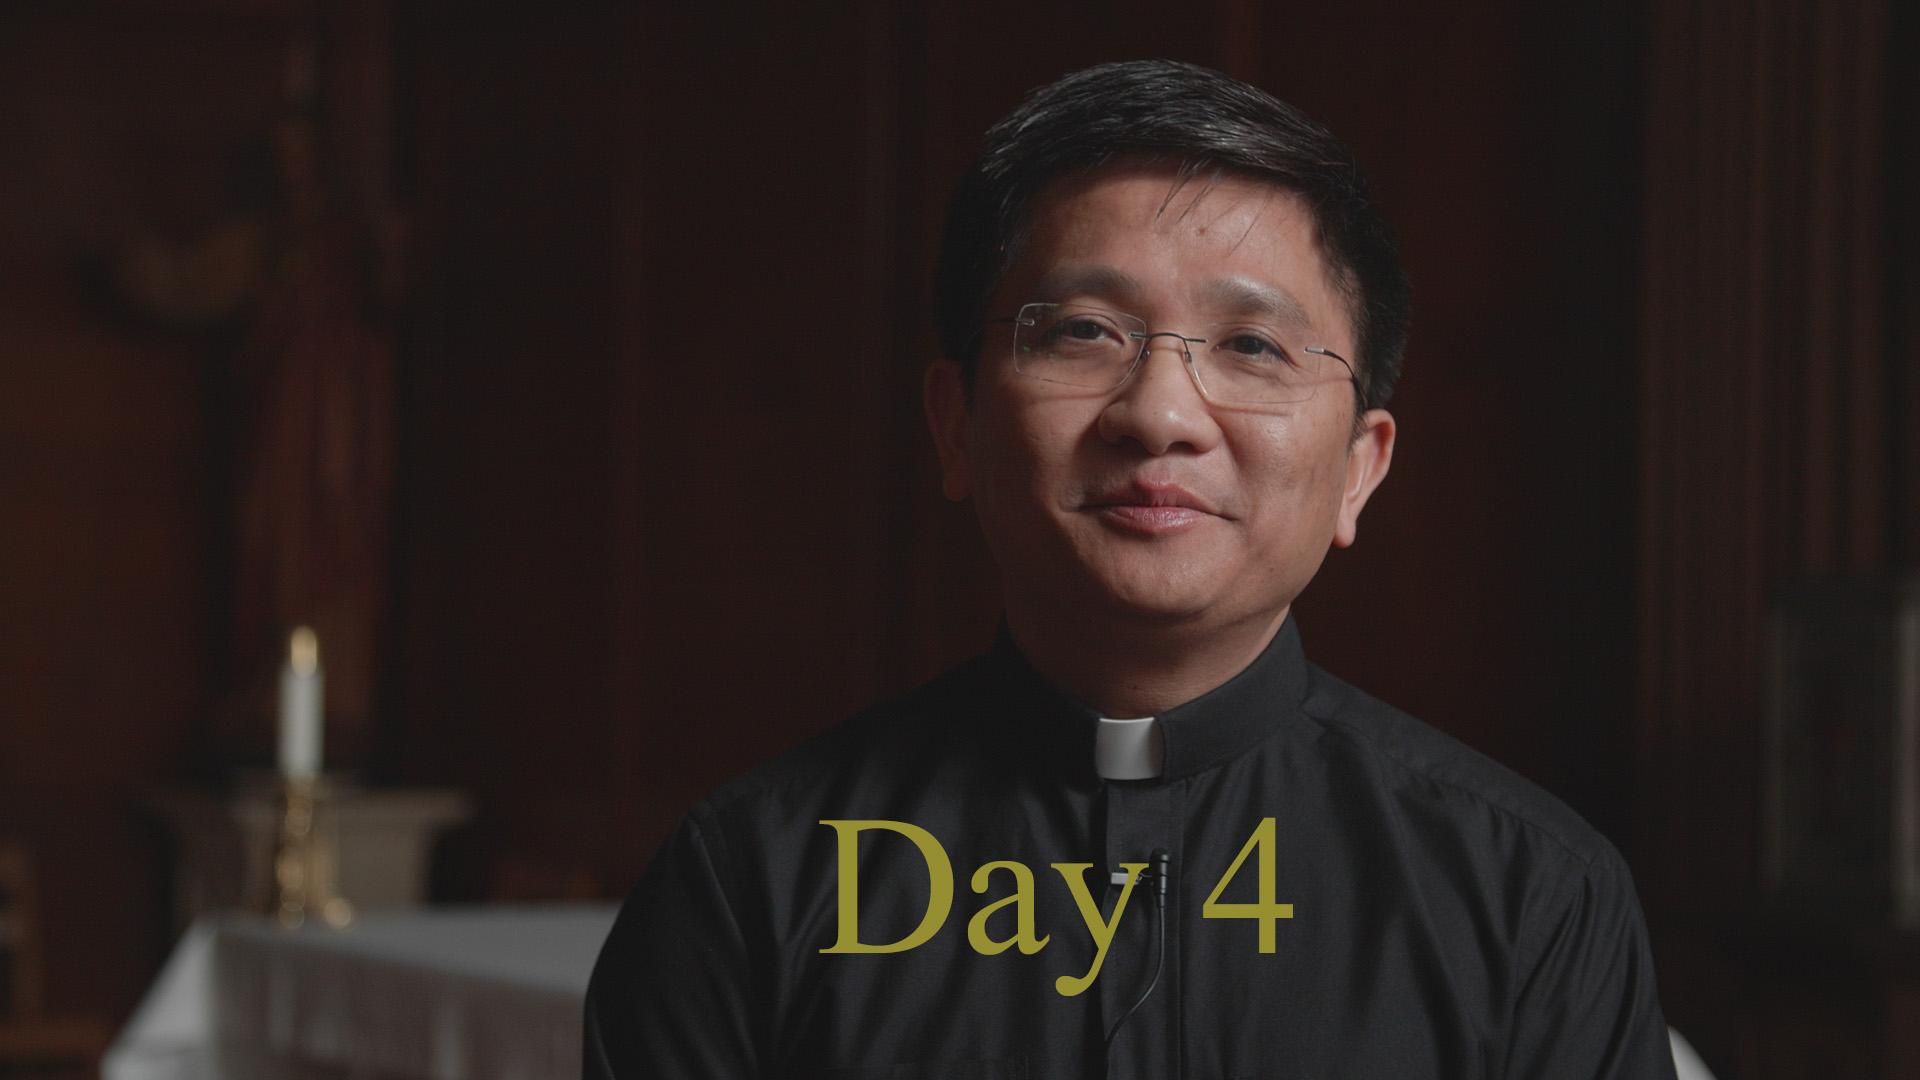 Novena for Vocations, Day 4